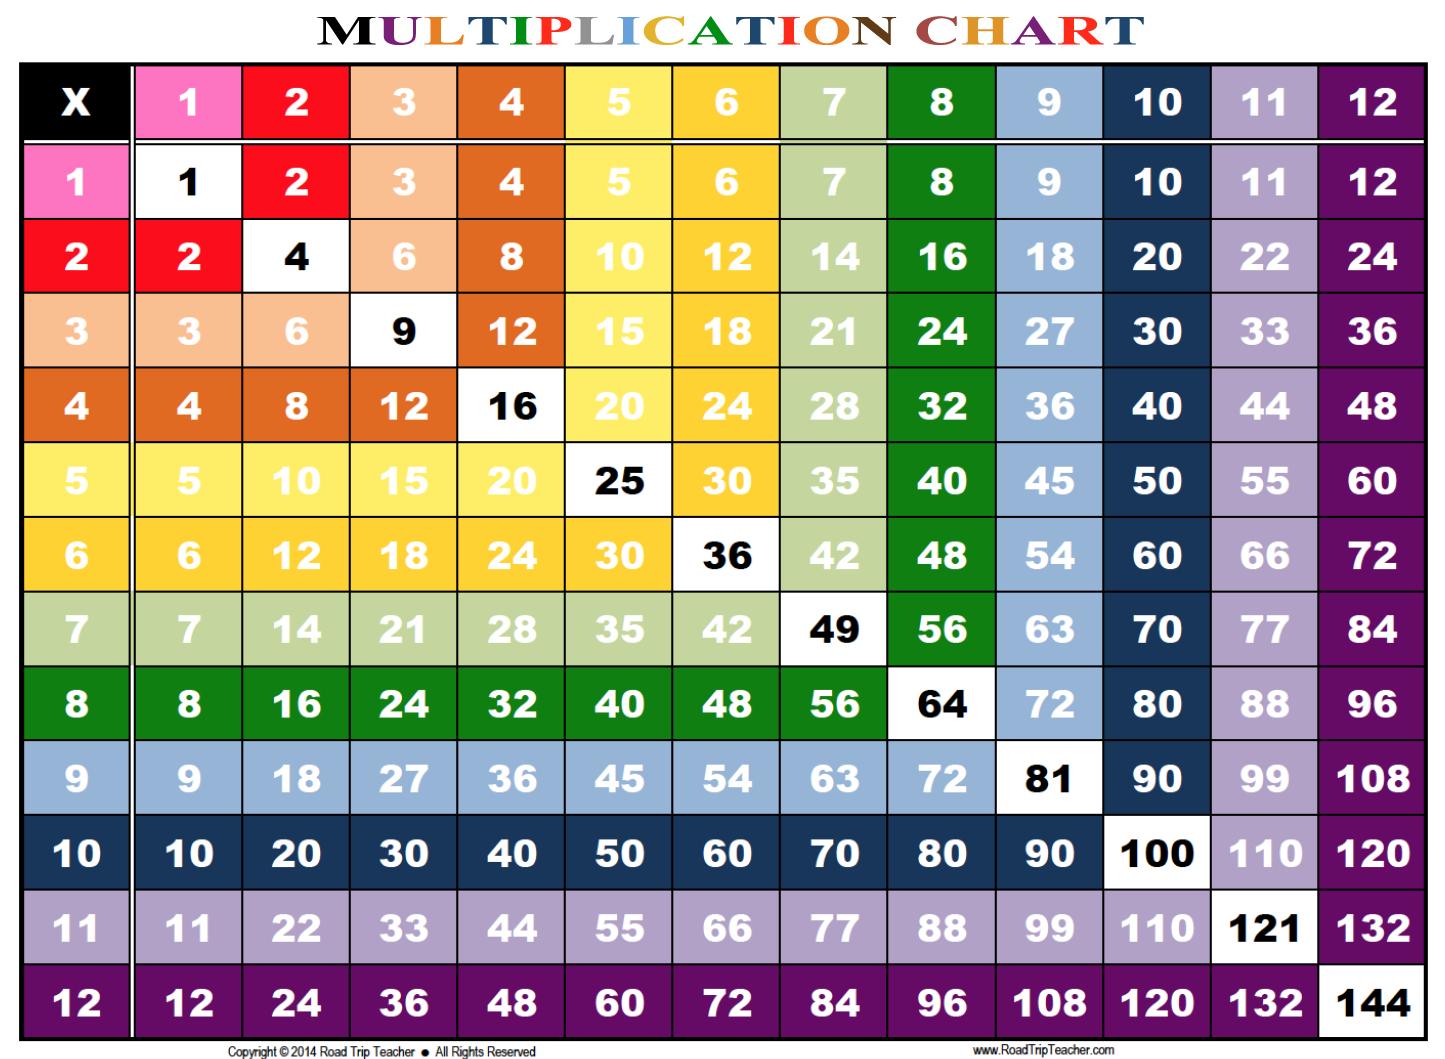 Multiplication Chart 1 12 Printable | Math | Multiplication Chart - Free Printable Math Multiplication Charts